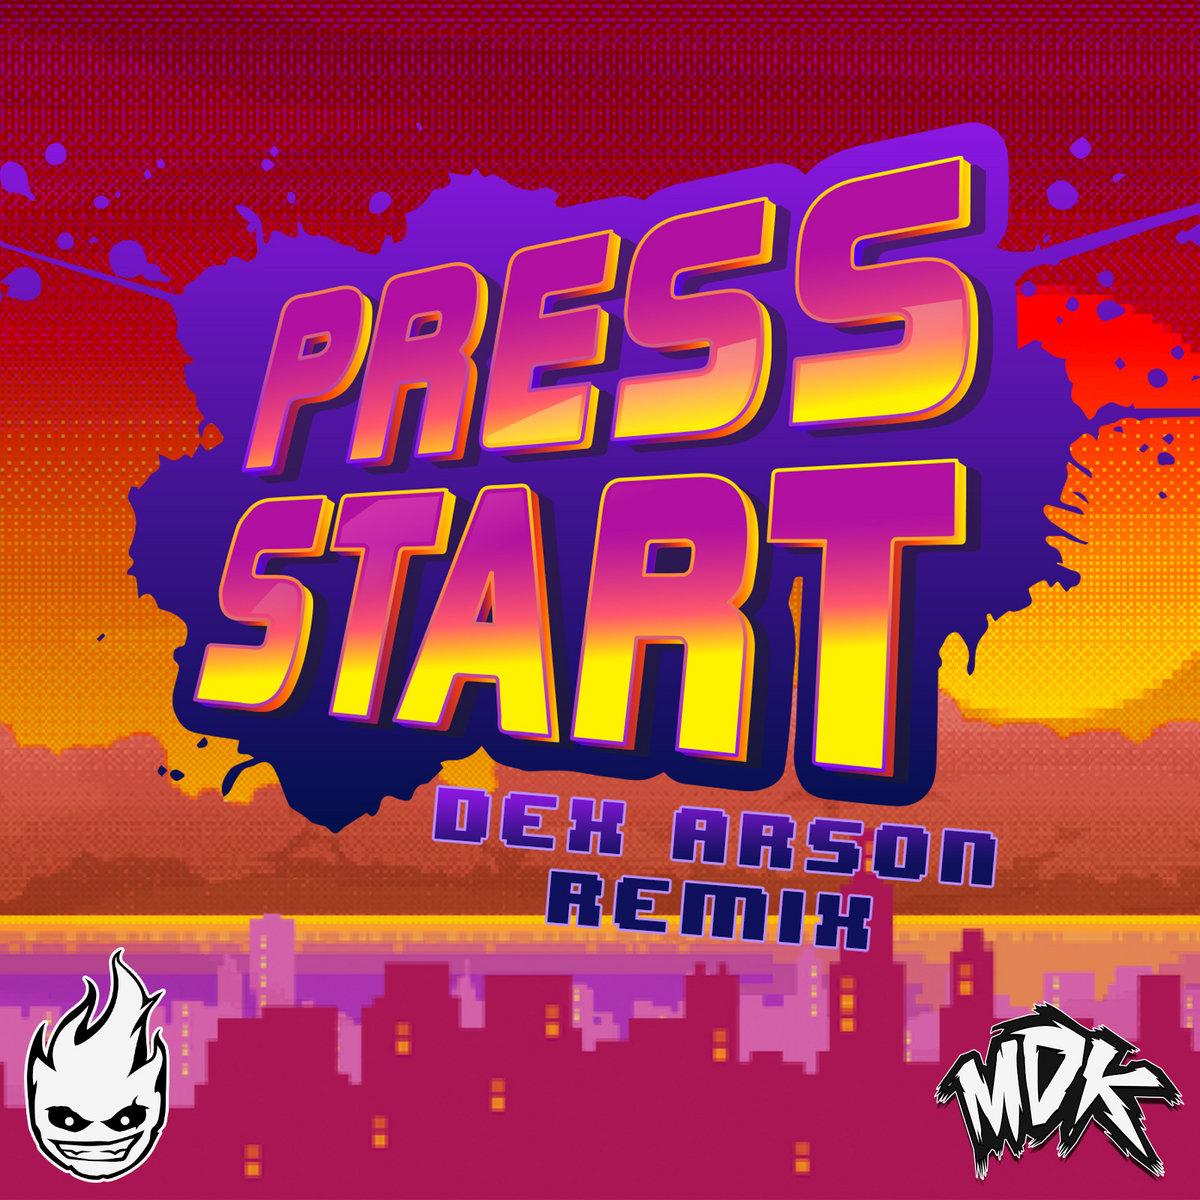 MDK - Press Start (Dex Arson Remix) | MDK (Morgan David King)